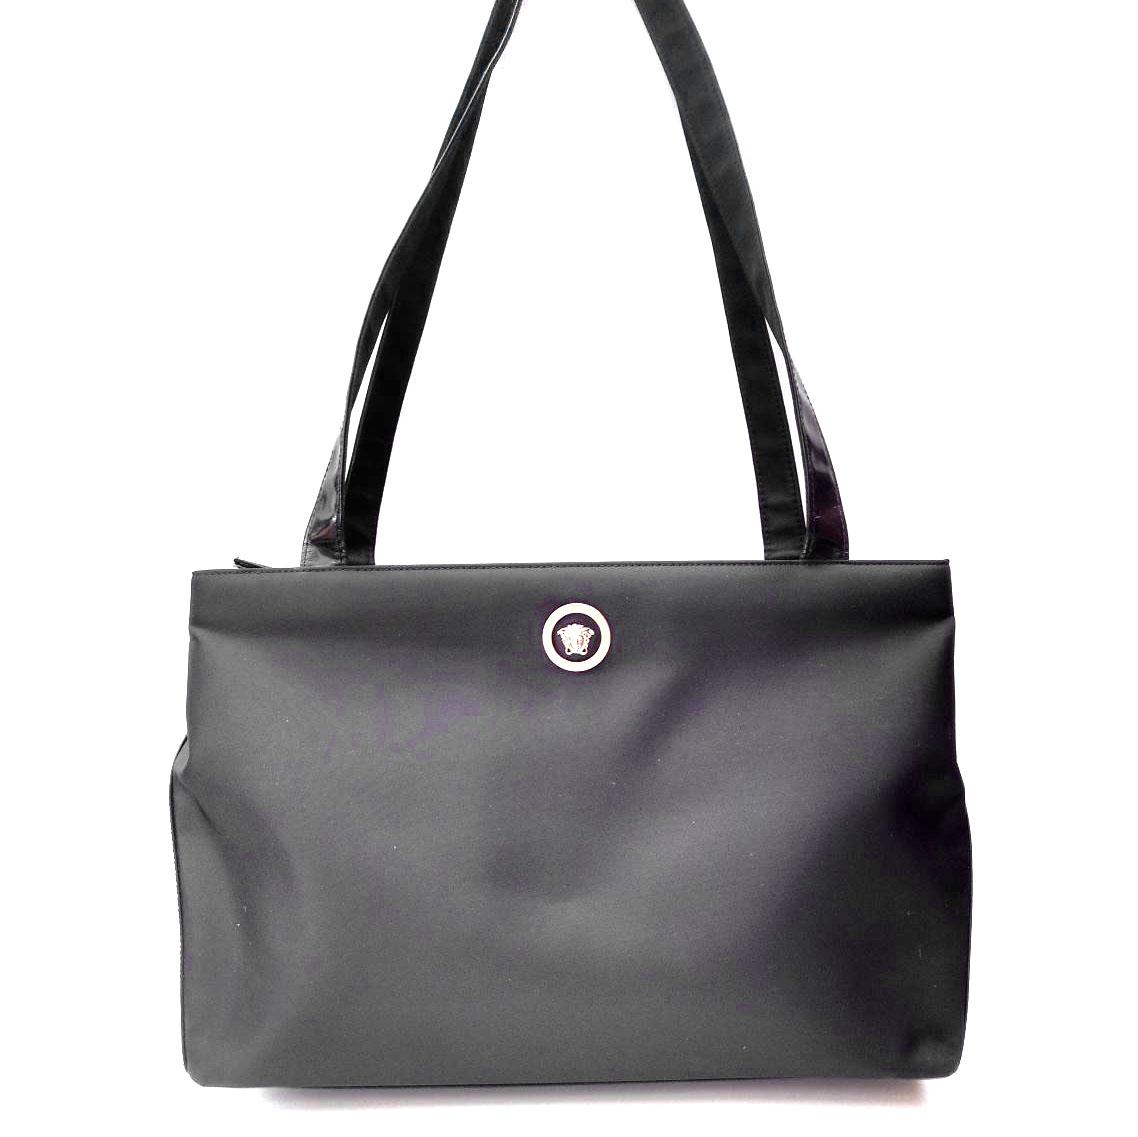 Gianni Versace Vintage Black Shoulder Large Bag  6e647573e6db6